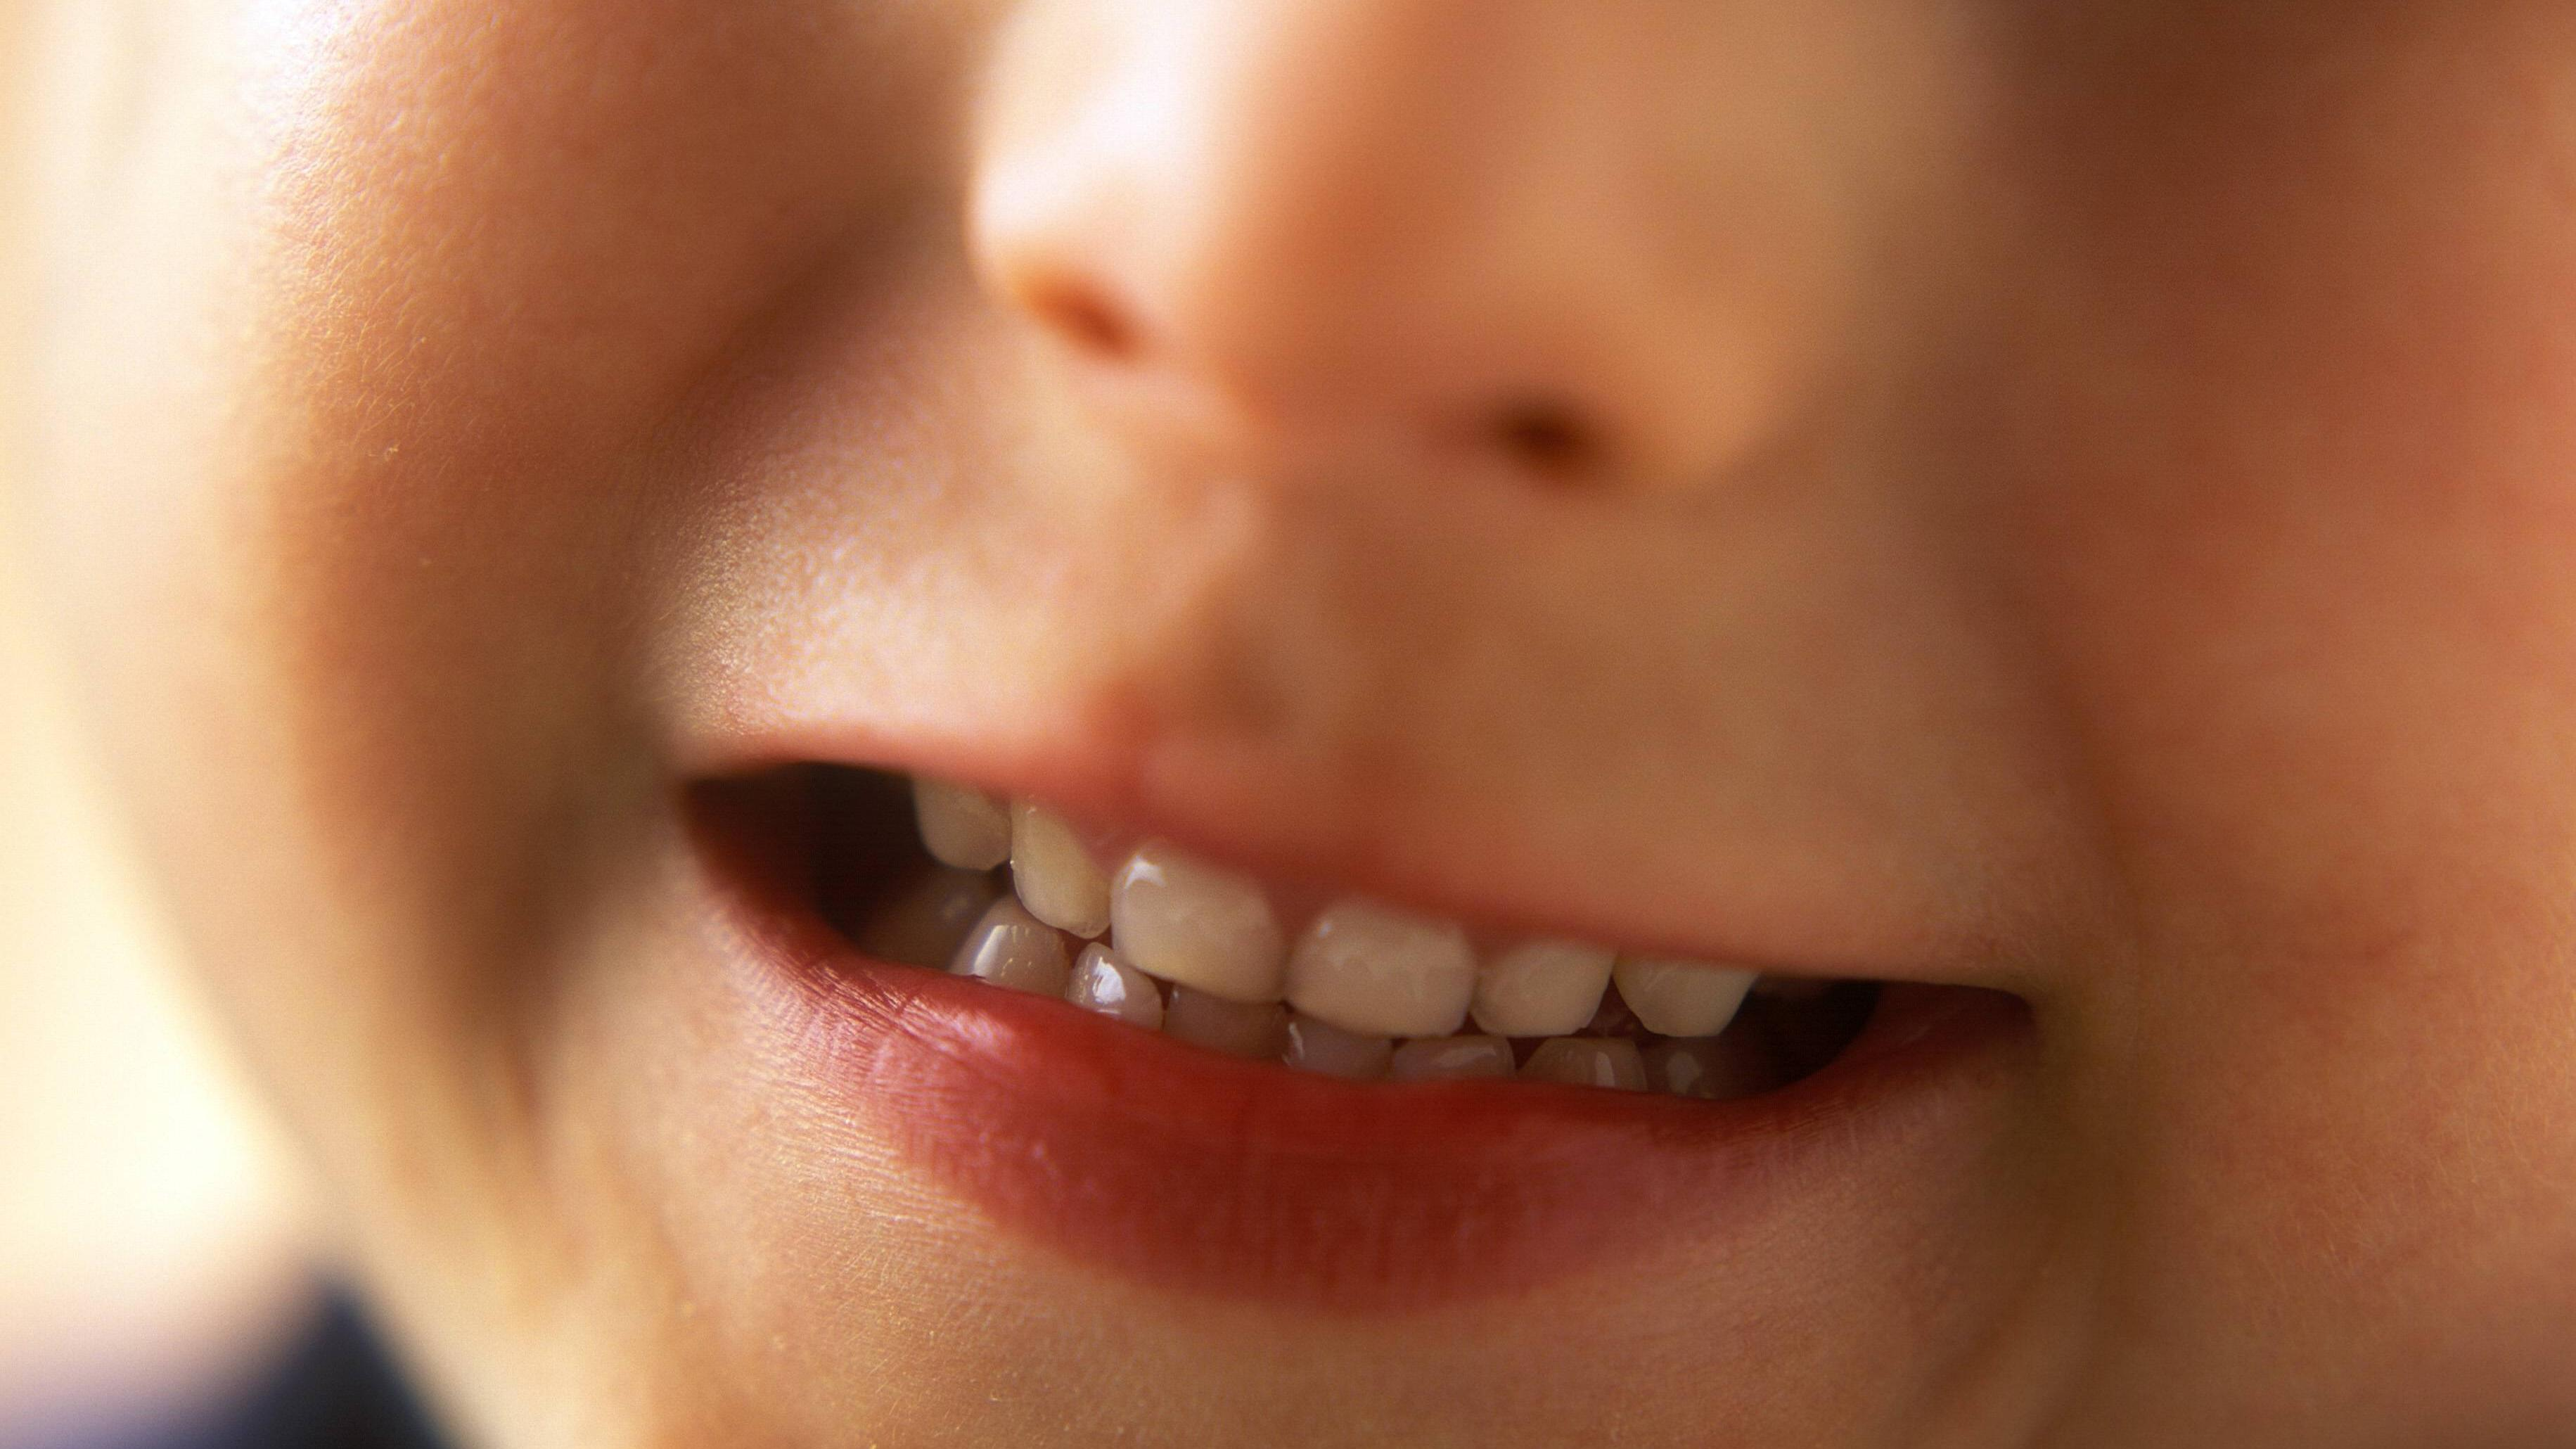 Zähneknirschen bei Kindern: Ursachen und was Sie dagegen tun können